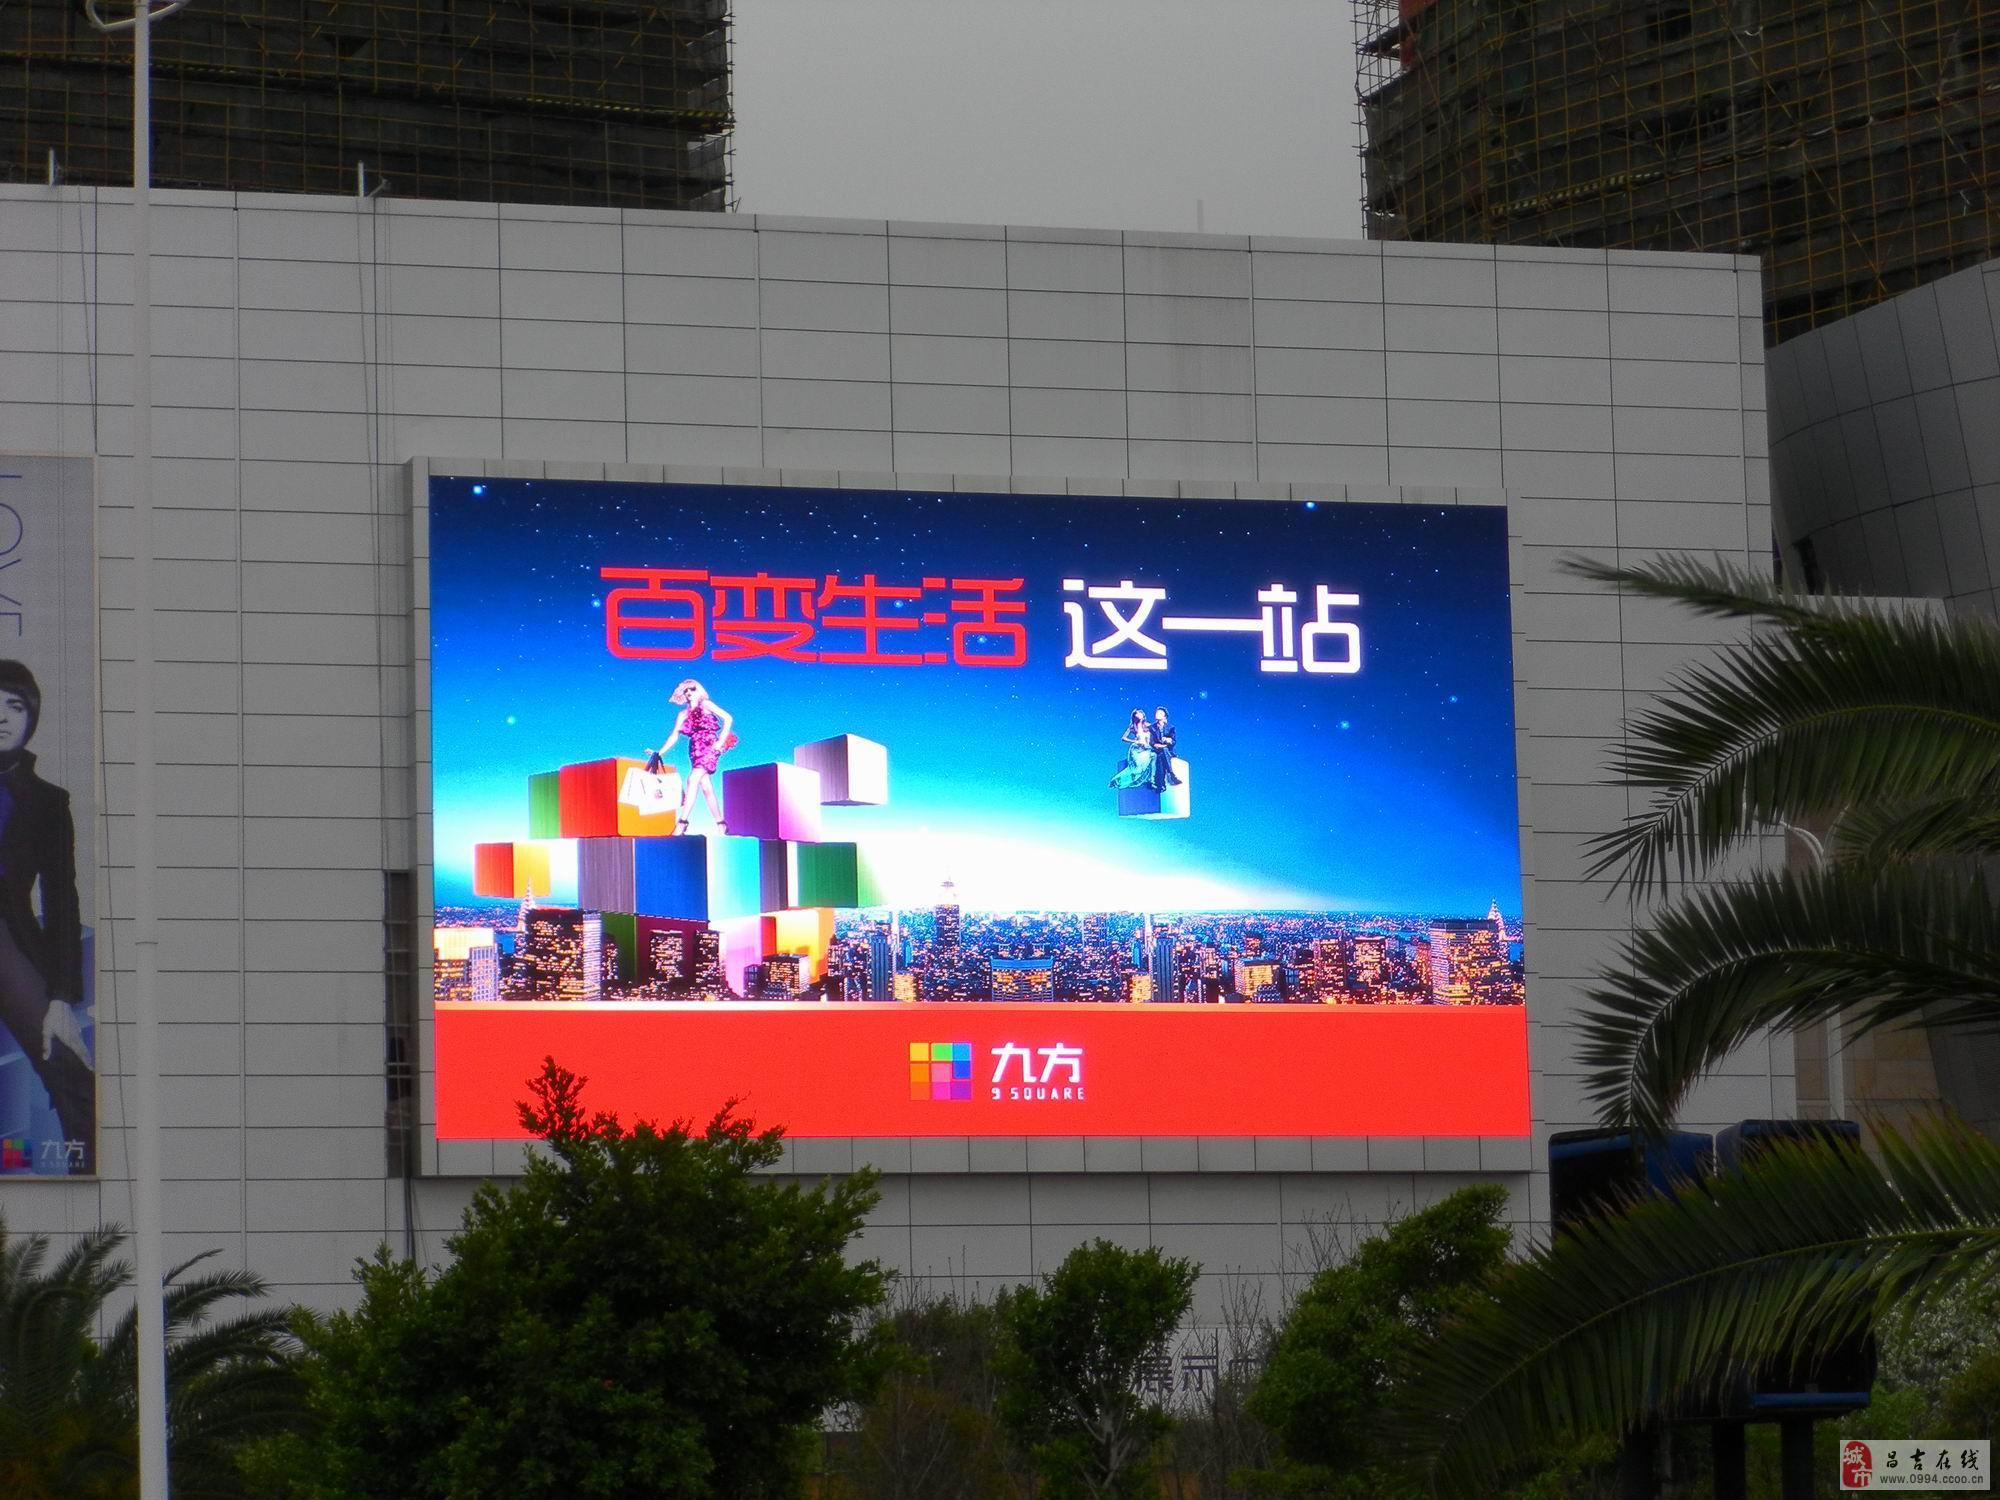 昌吉市车站led显示屏,小区led广告屏